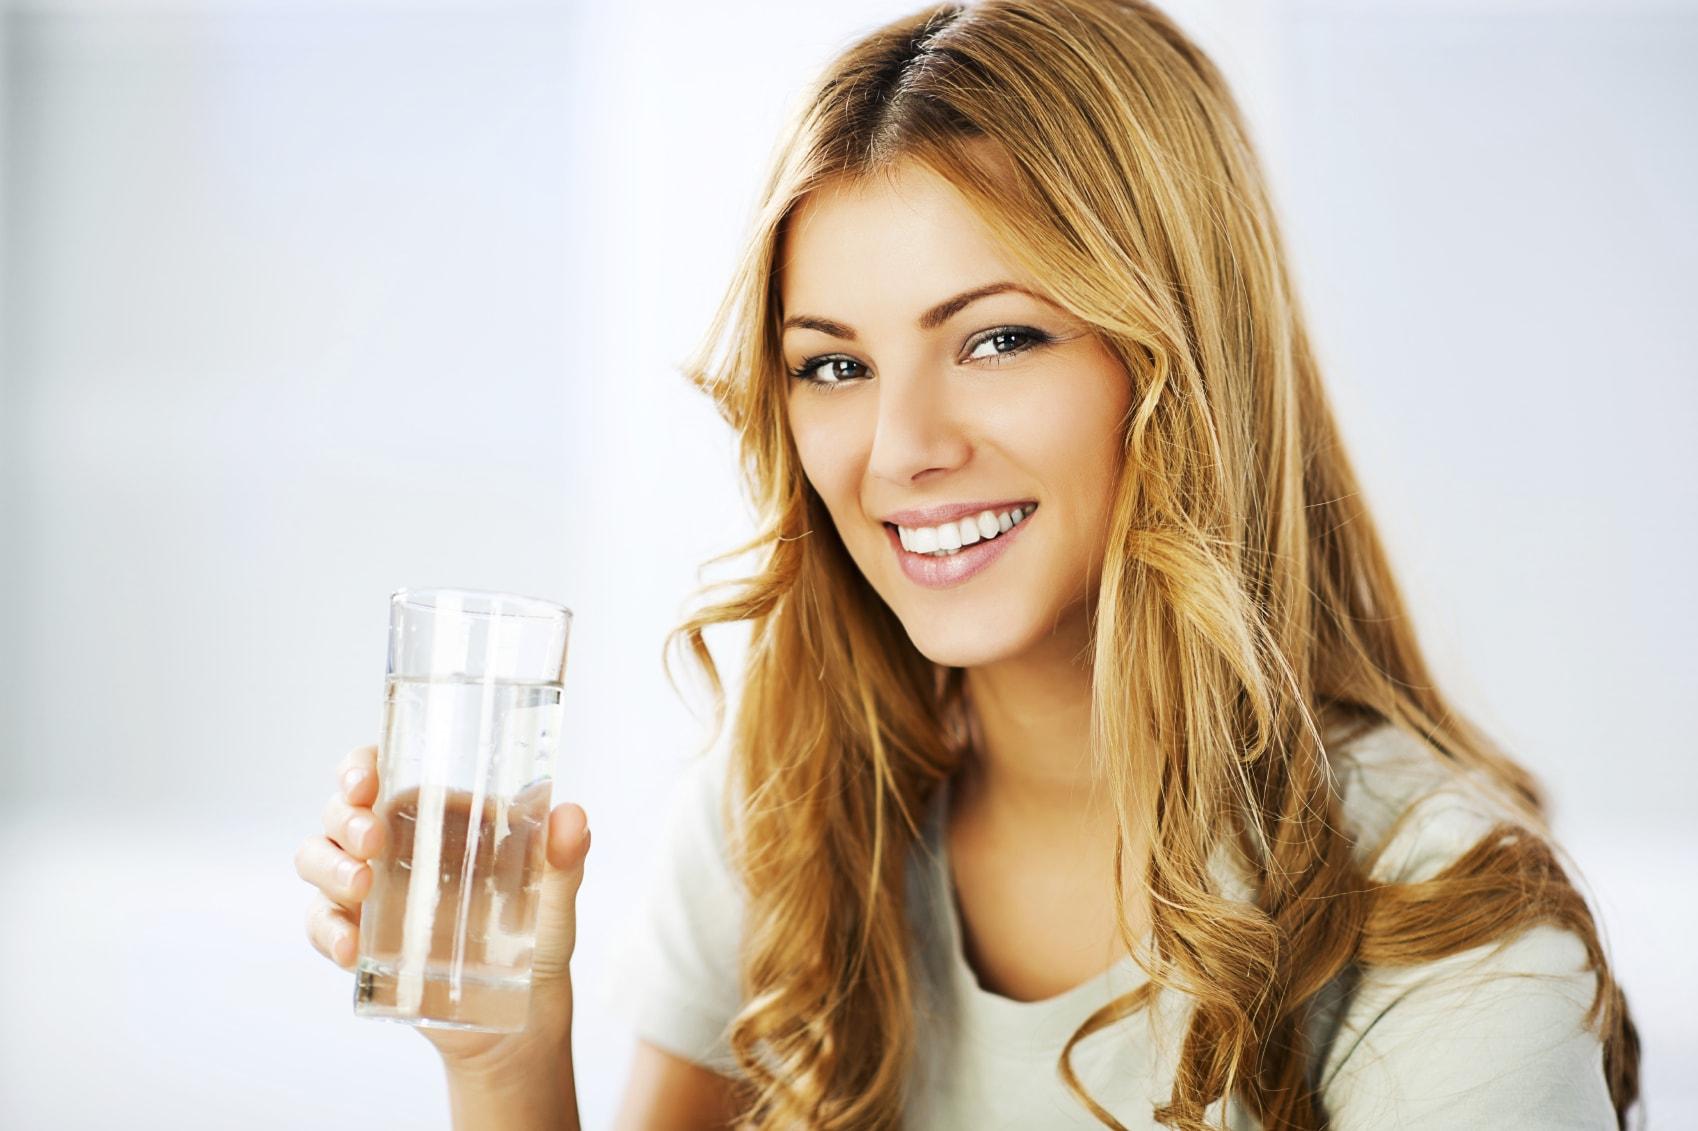 Thanh lọc thải độc cơ thể giúp tăng cân hiệu quả